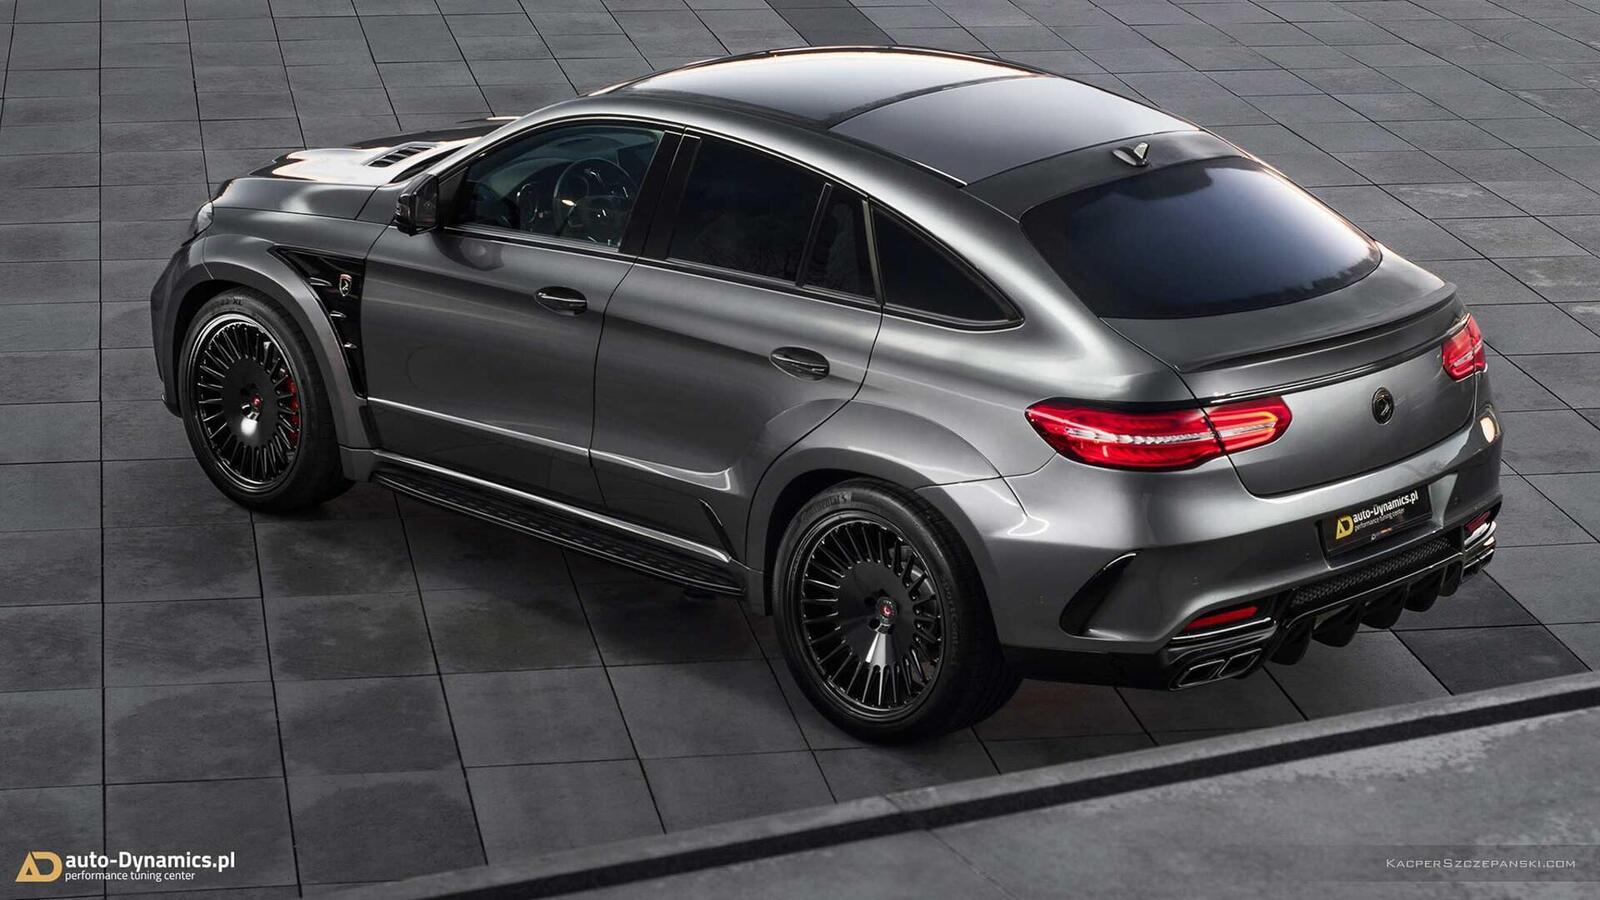 Mercedes-AMG GLE 63 S Coupe độ công suất lên 795 mã lực; tăng tốc 0-100 km/h trong 3,25 giây - Hình 13